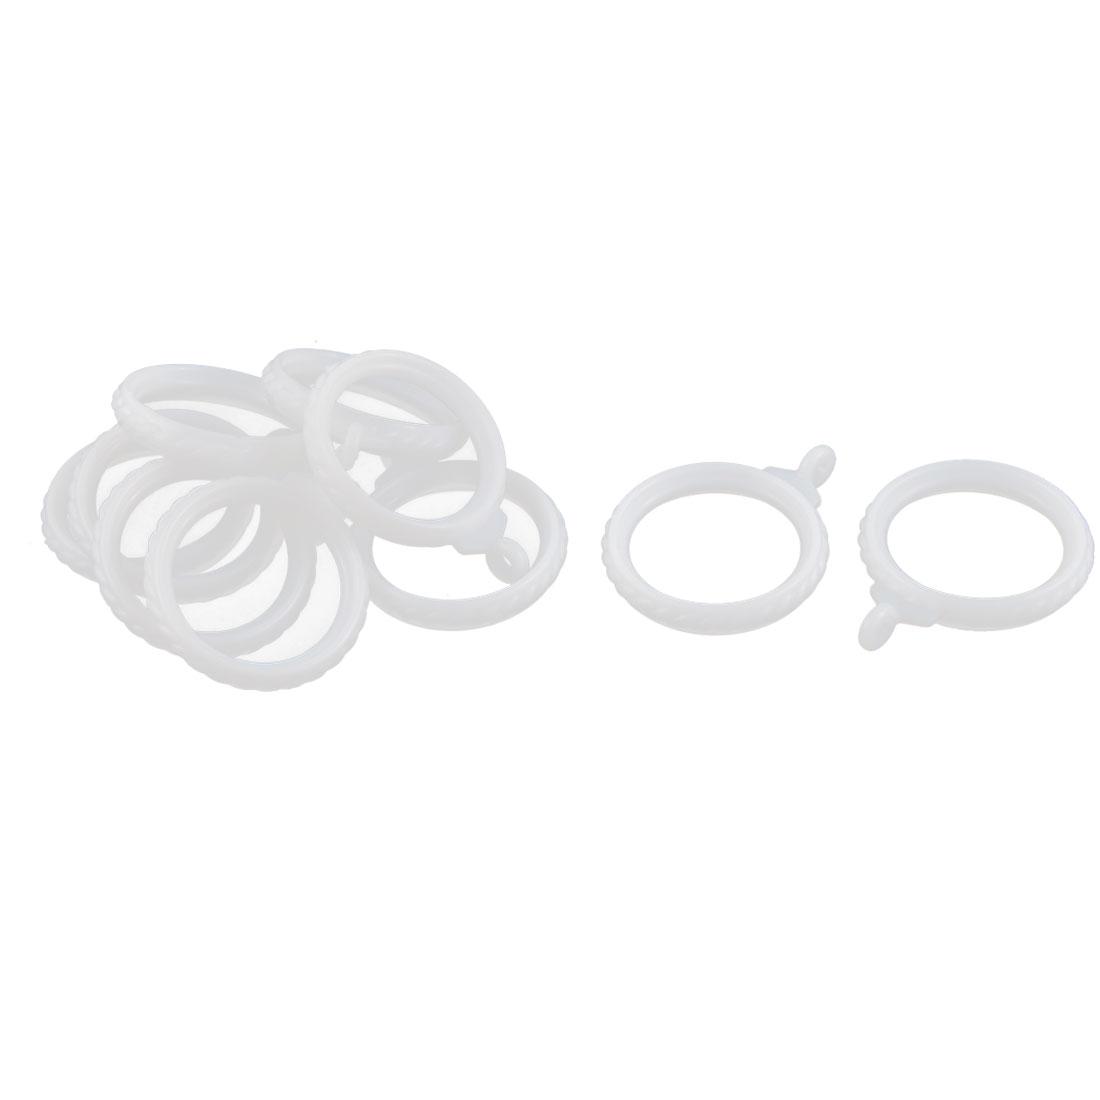 Bathroom Bedroom Plastic Embossed Shower Curtain Drapery Ring Hooks White 3.5cm Dia 10pcs